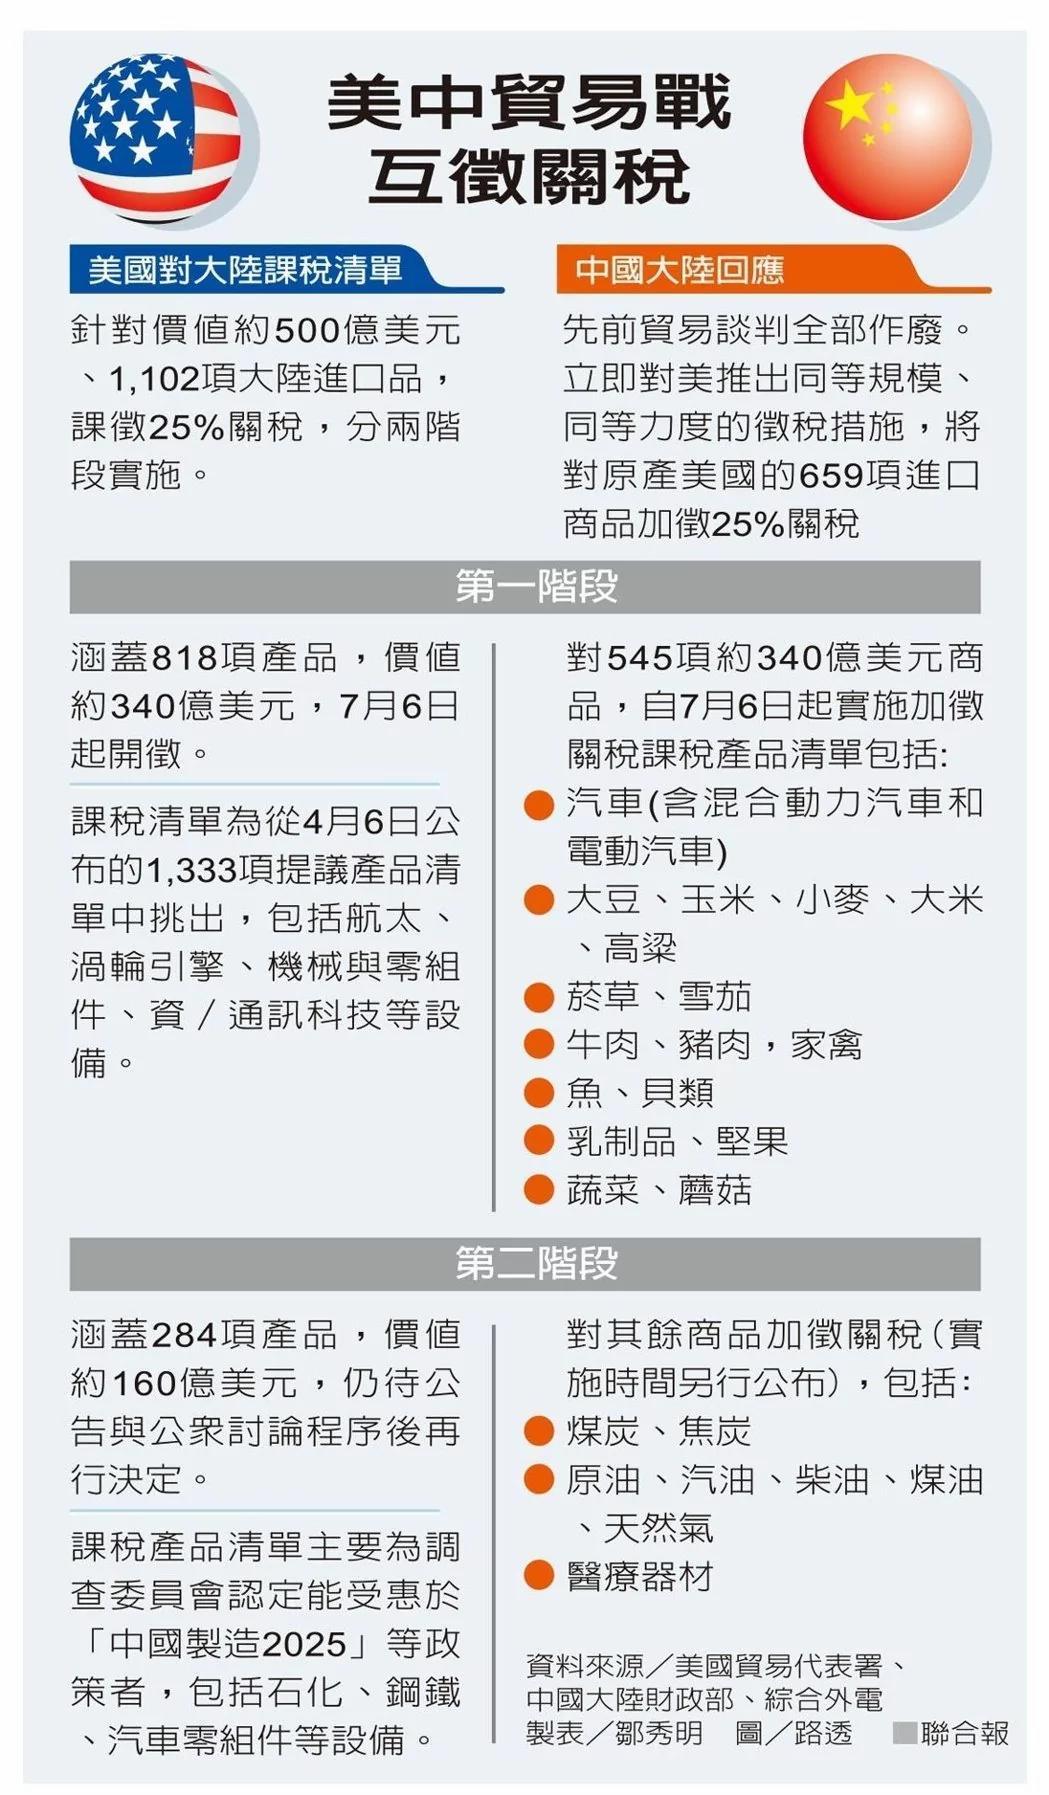 中美贸易战内容有玄机 专家:川普7月会更强悍